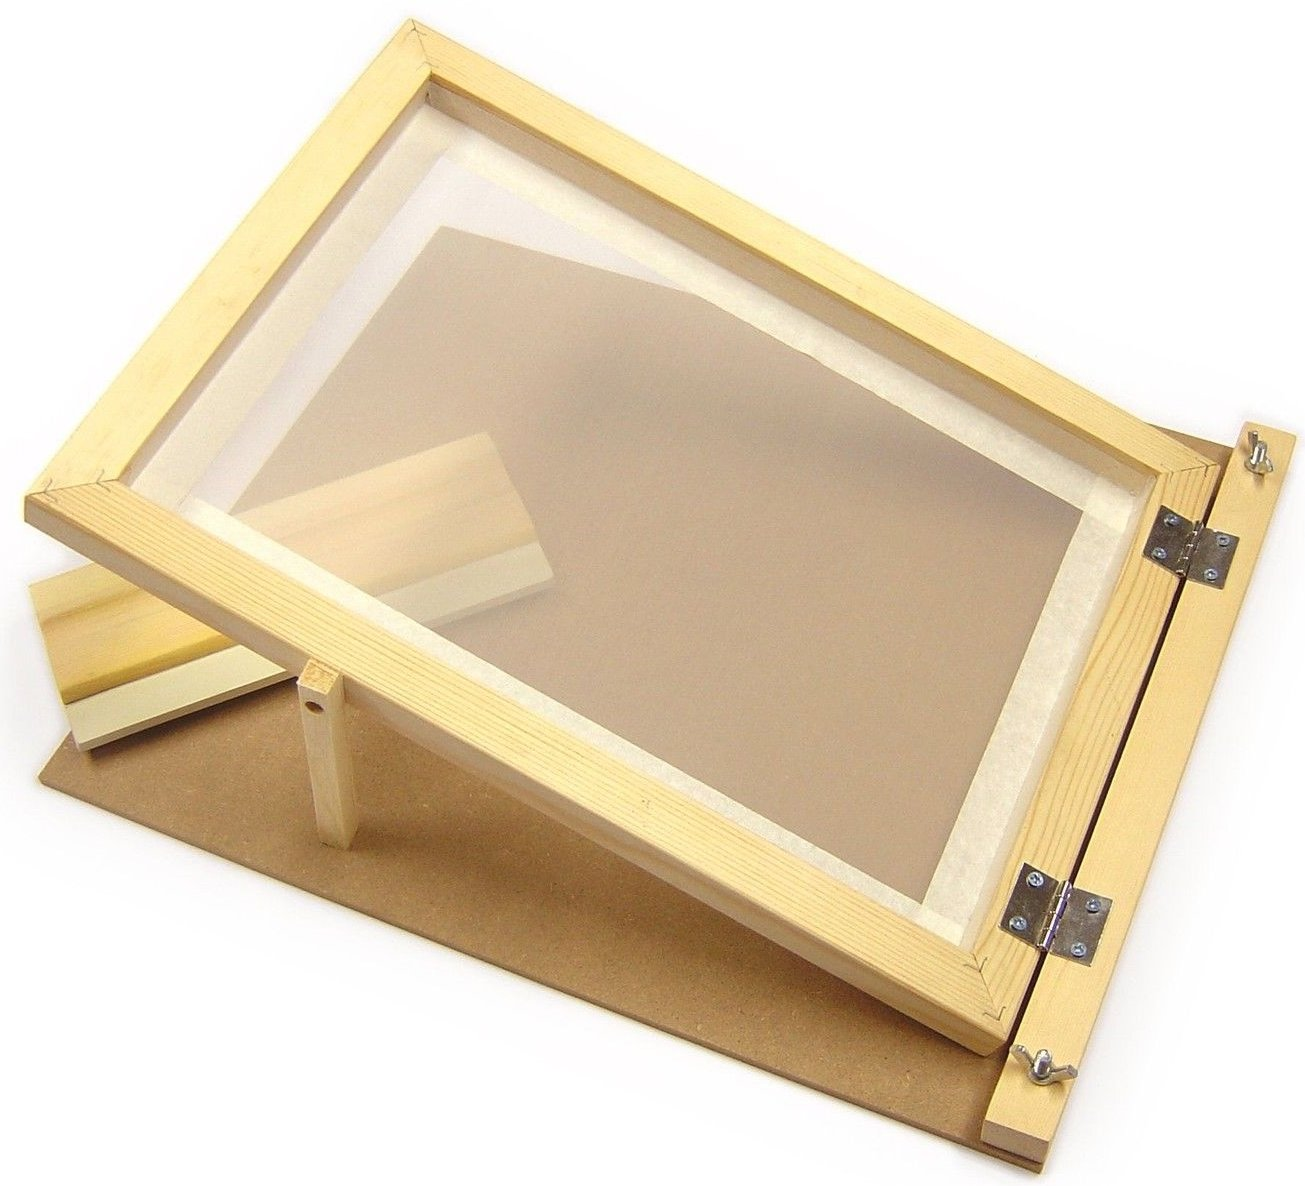 mit Scharnieren aus Holz Rakel Major Brushes A3-Siebdruck-Starter-Set